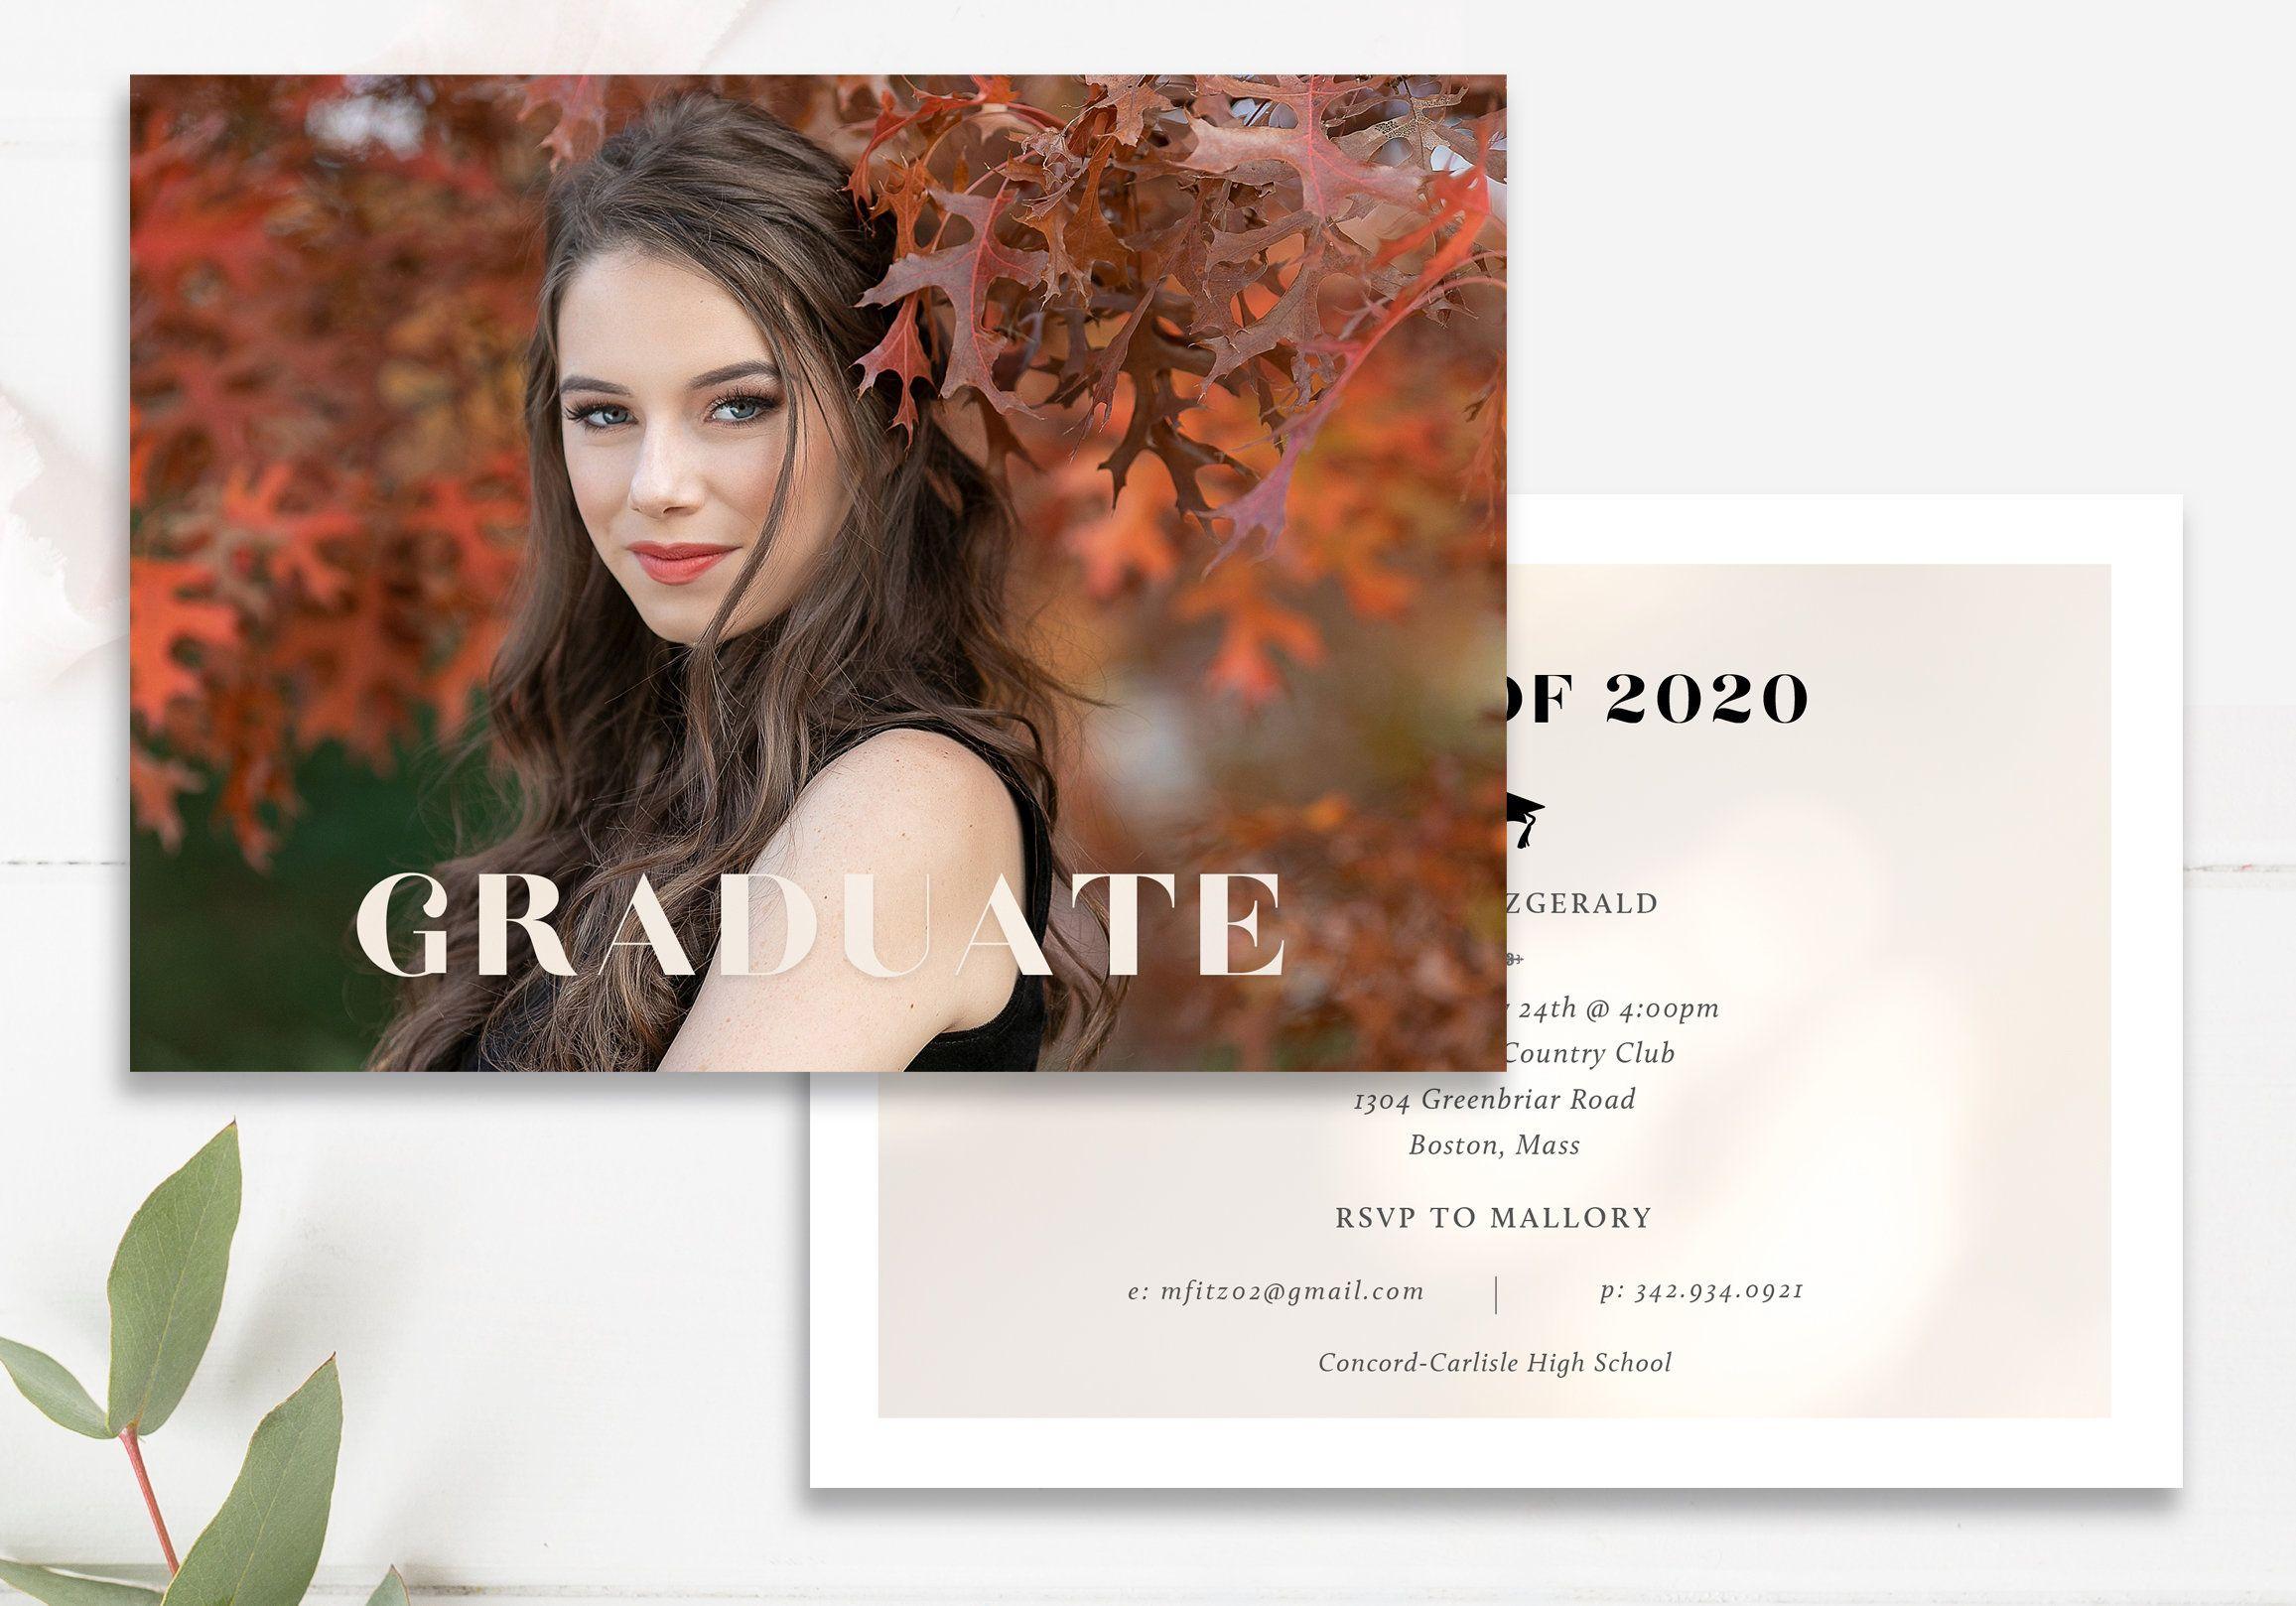 Gold Foil Graduation Announcement Template Modern Grad Etsy Grad Announcements Graduation Photo Cards Graduation Announcement Template